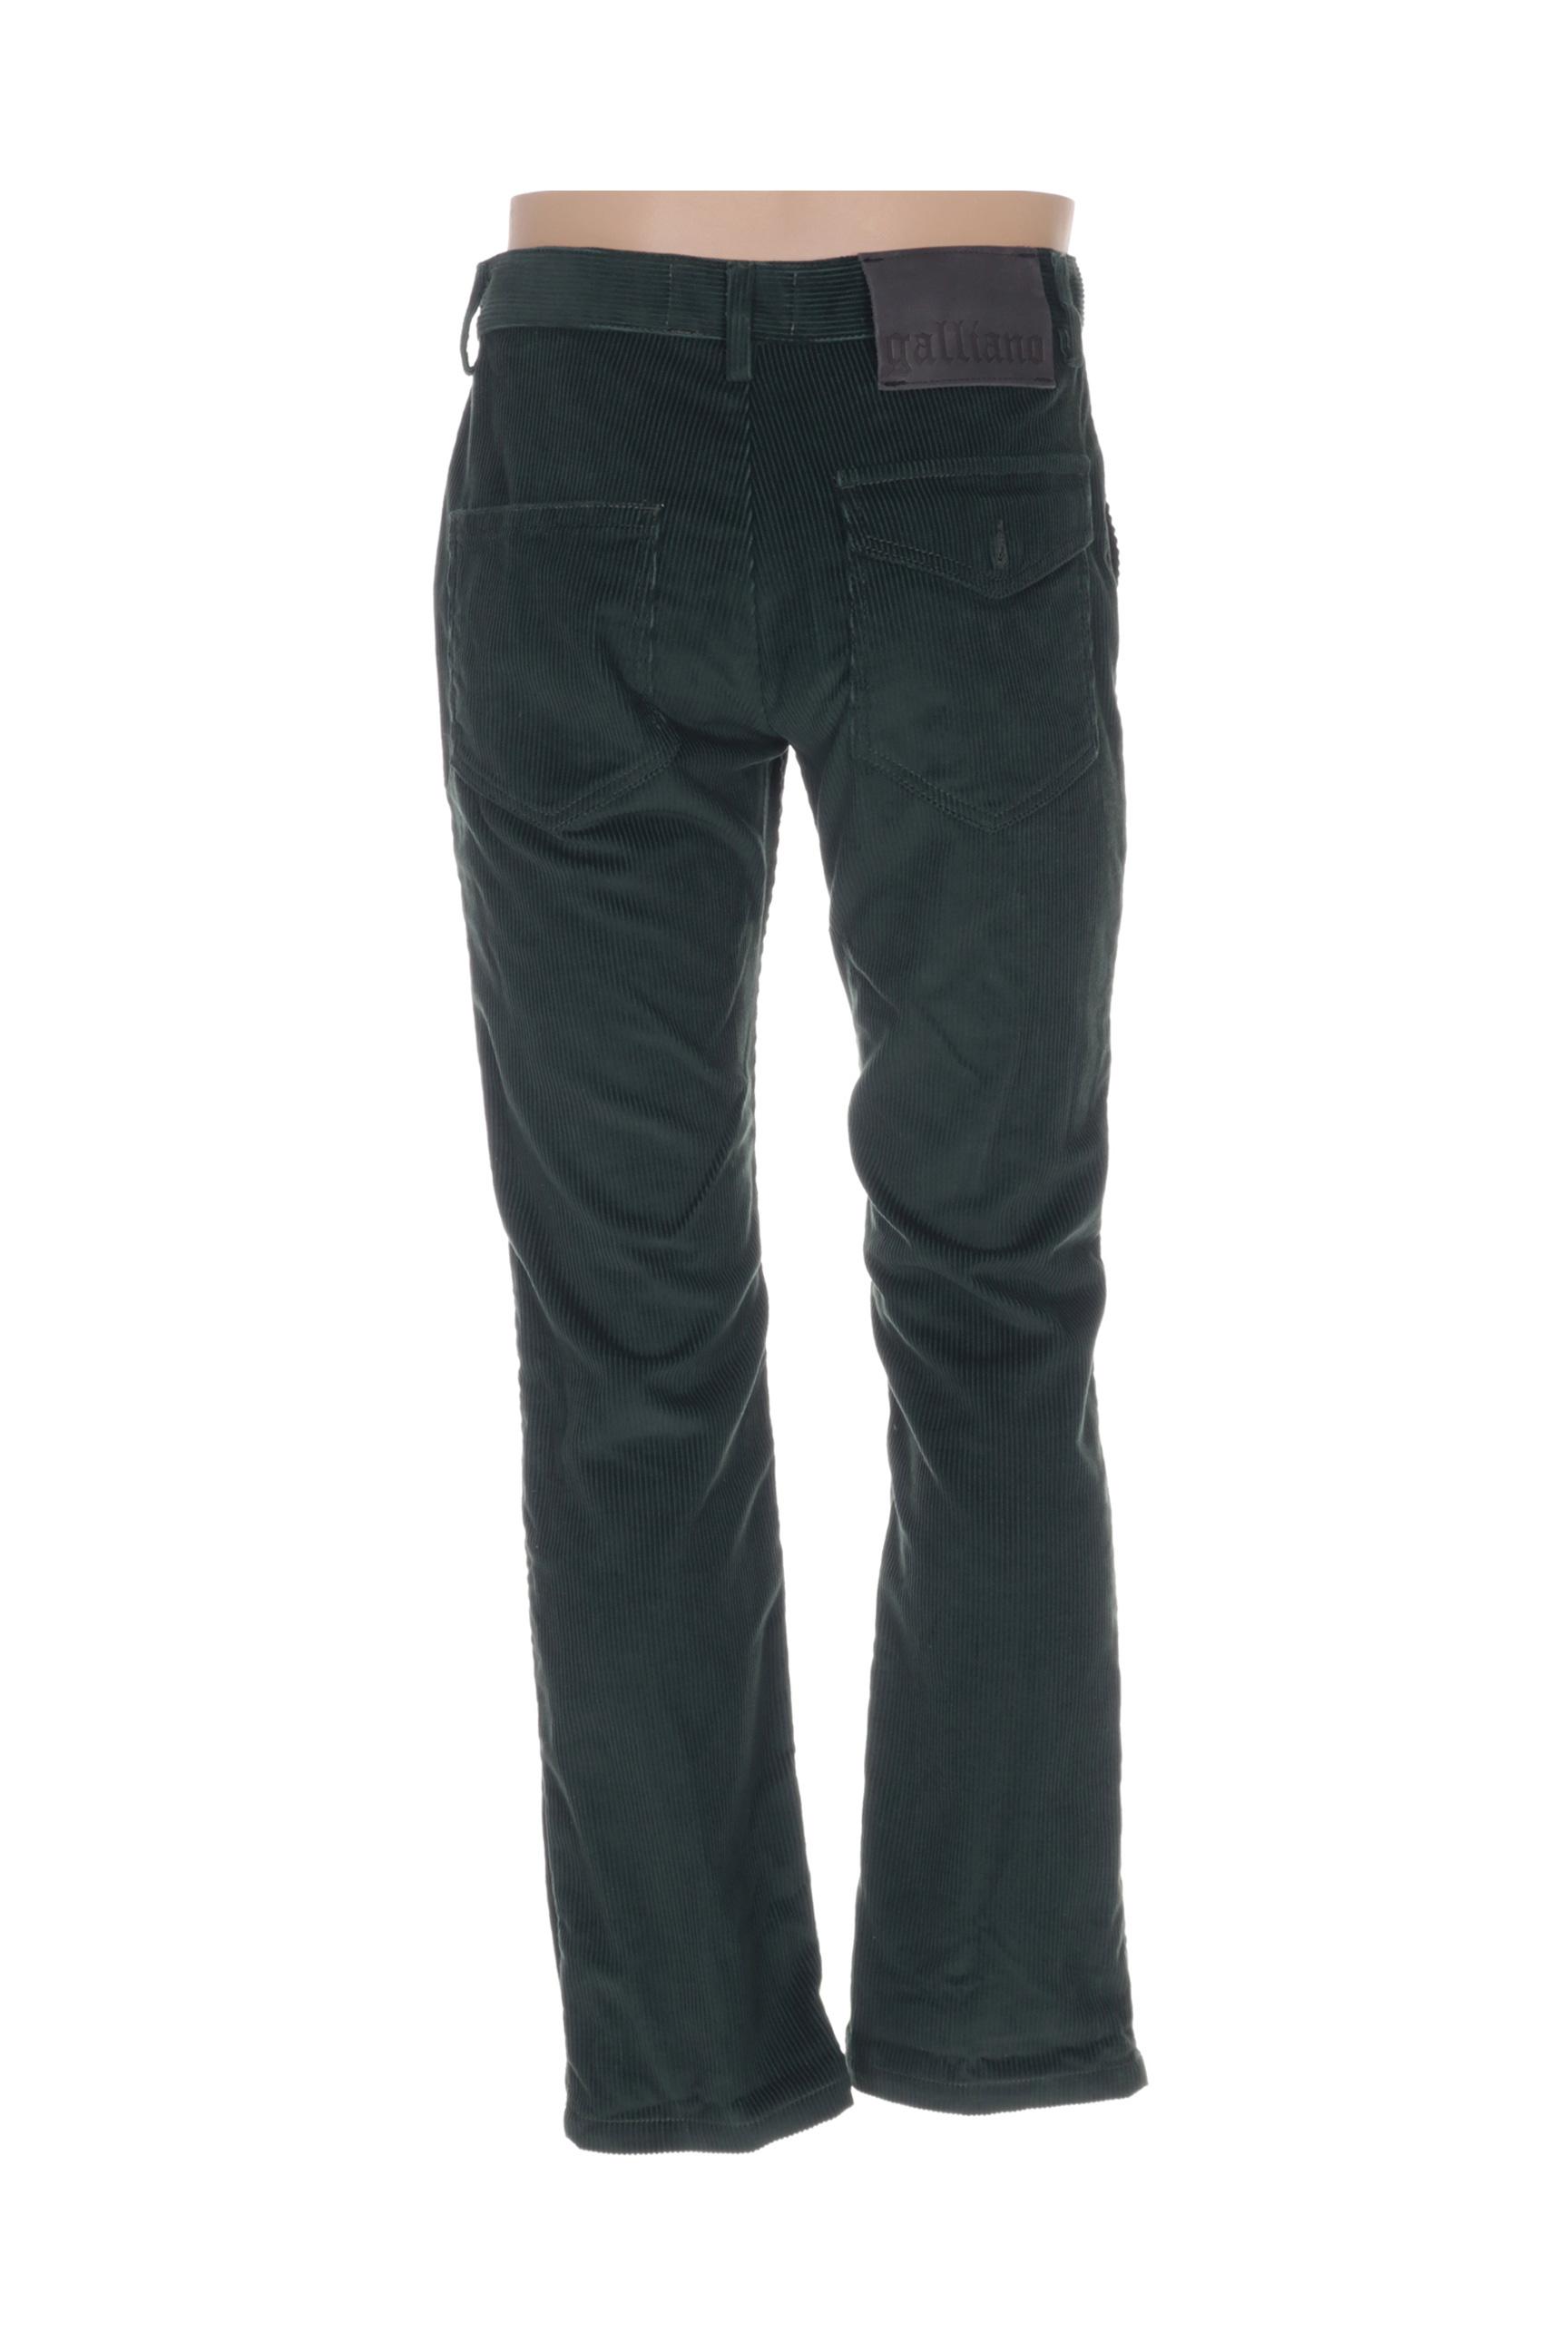 Galliano Pantalons Decontractes Homme De Couleur Vert En Soldes Pas Cher 1297793-vert00